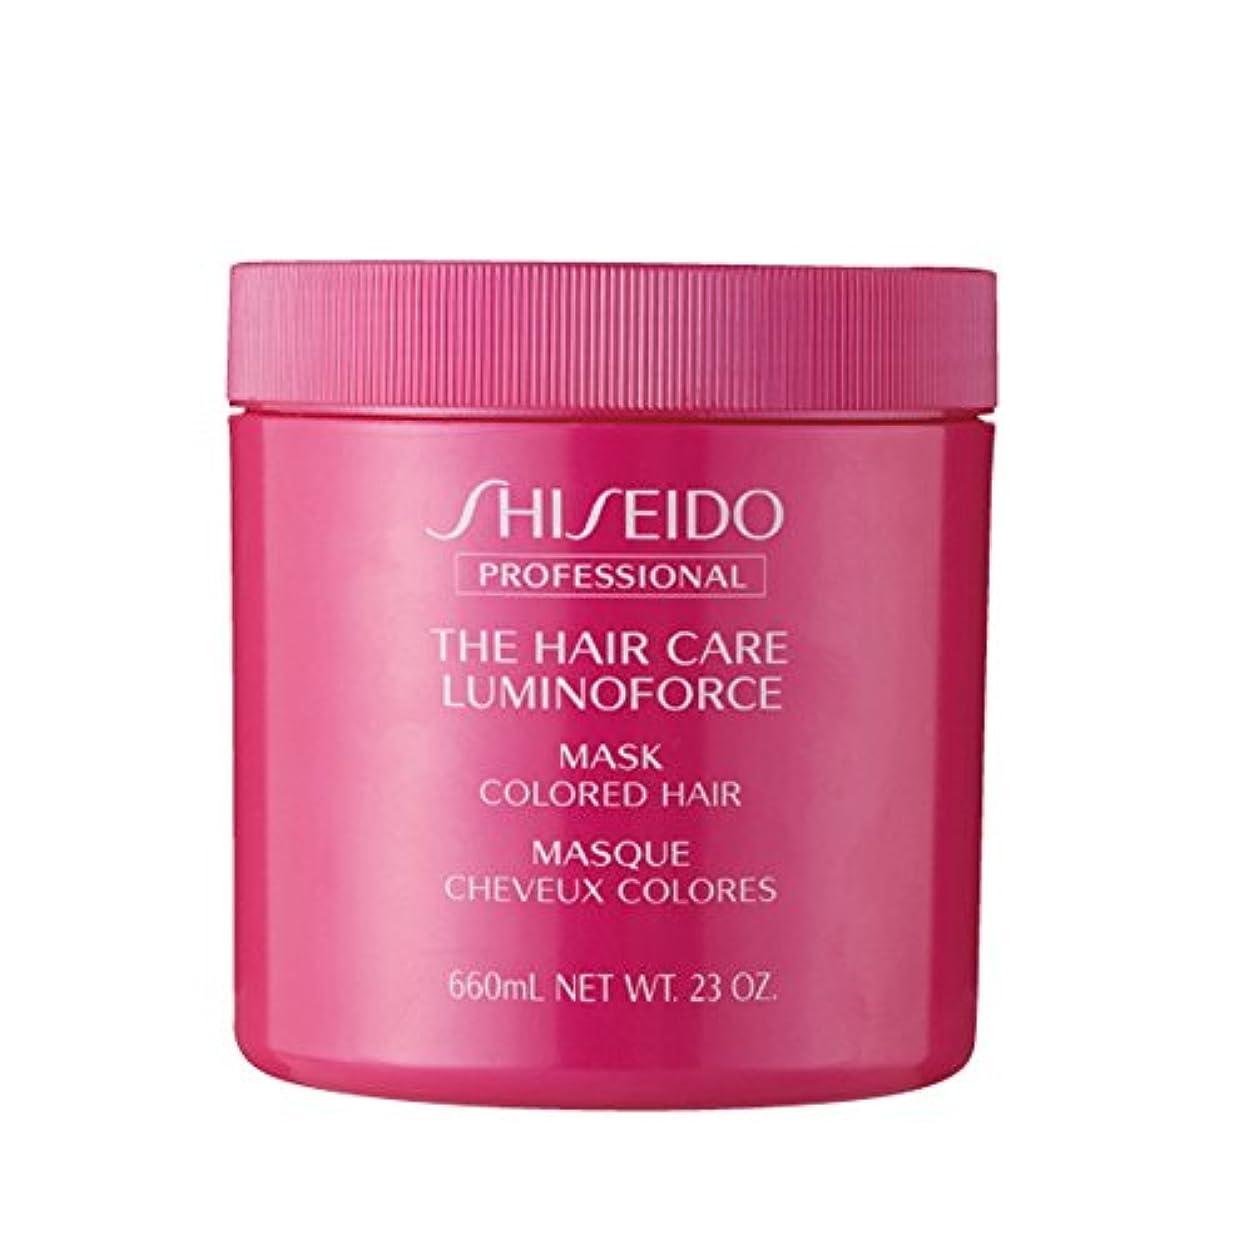 刺しますボートふさわしい資生堂 THC ルミノフォースマスク 680g ×3個 セットヘアカラーを繰り返したごわついた髪を、芯からしなやかでつややかな髪へSHISEIDO LUMINOFORCE